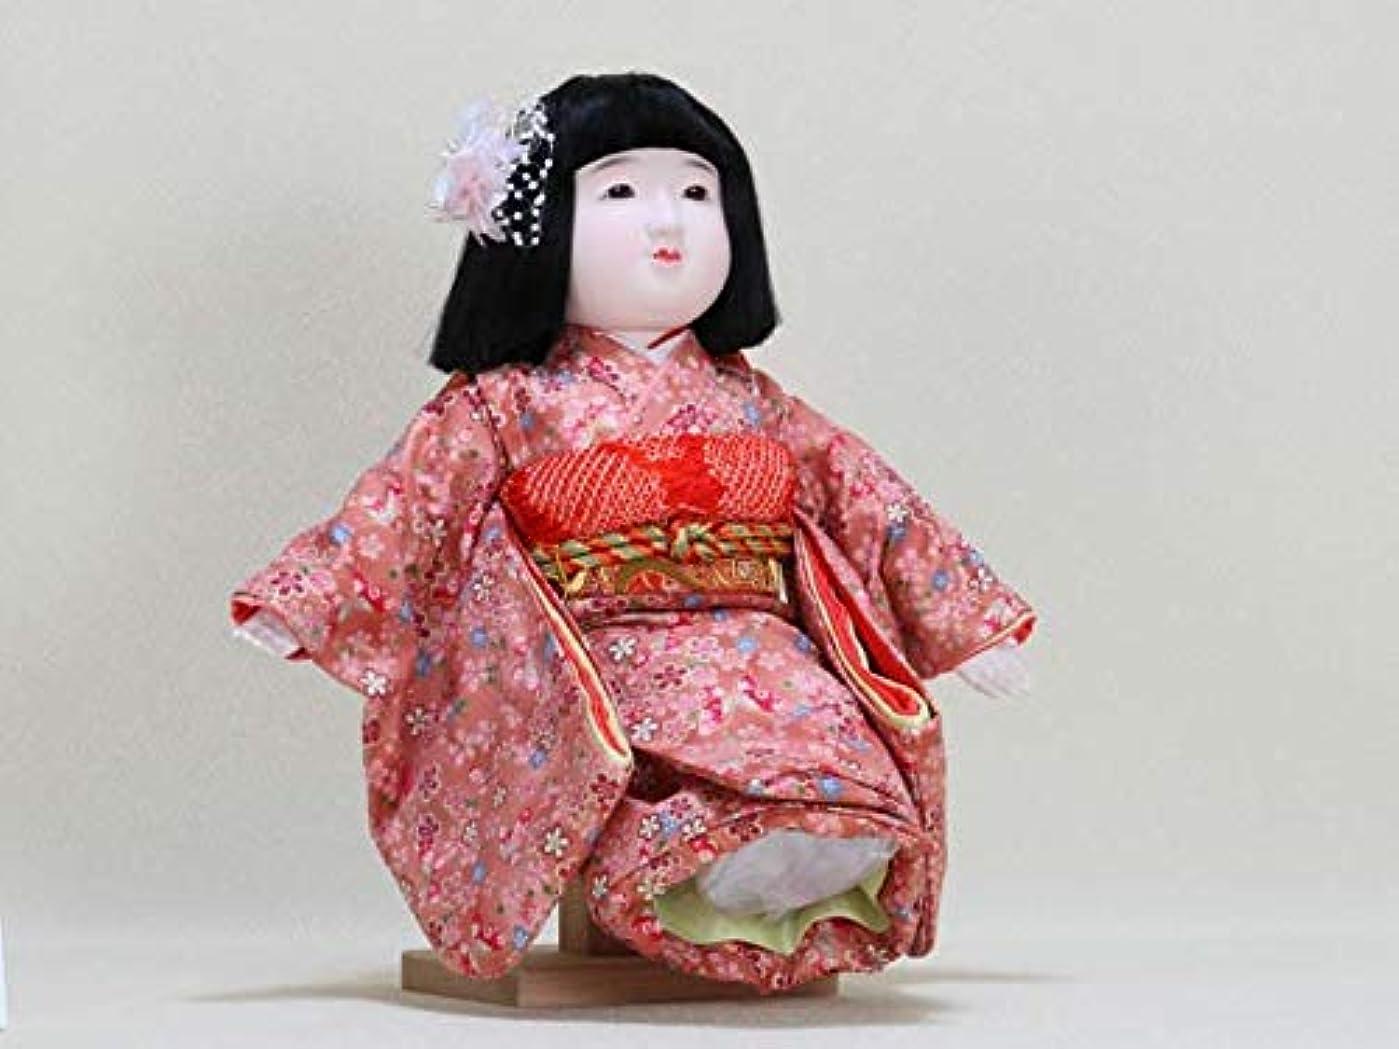 熱意免除する中性お座り人形?駒(こま)J?抱き人形?わらべ人形